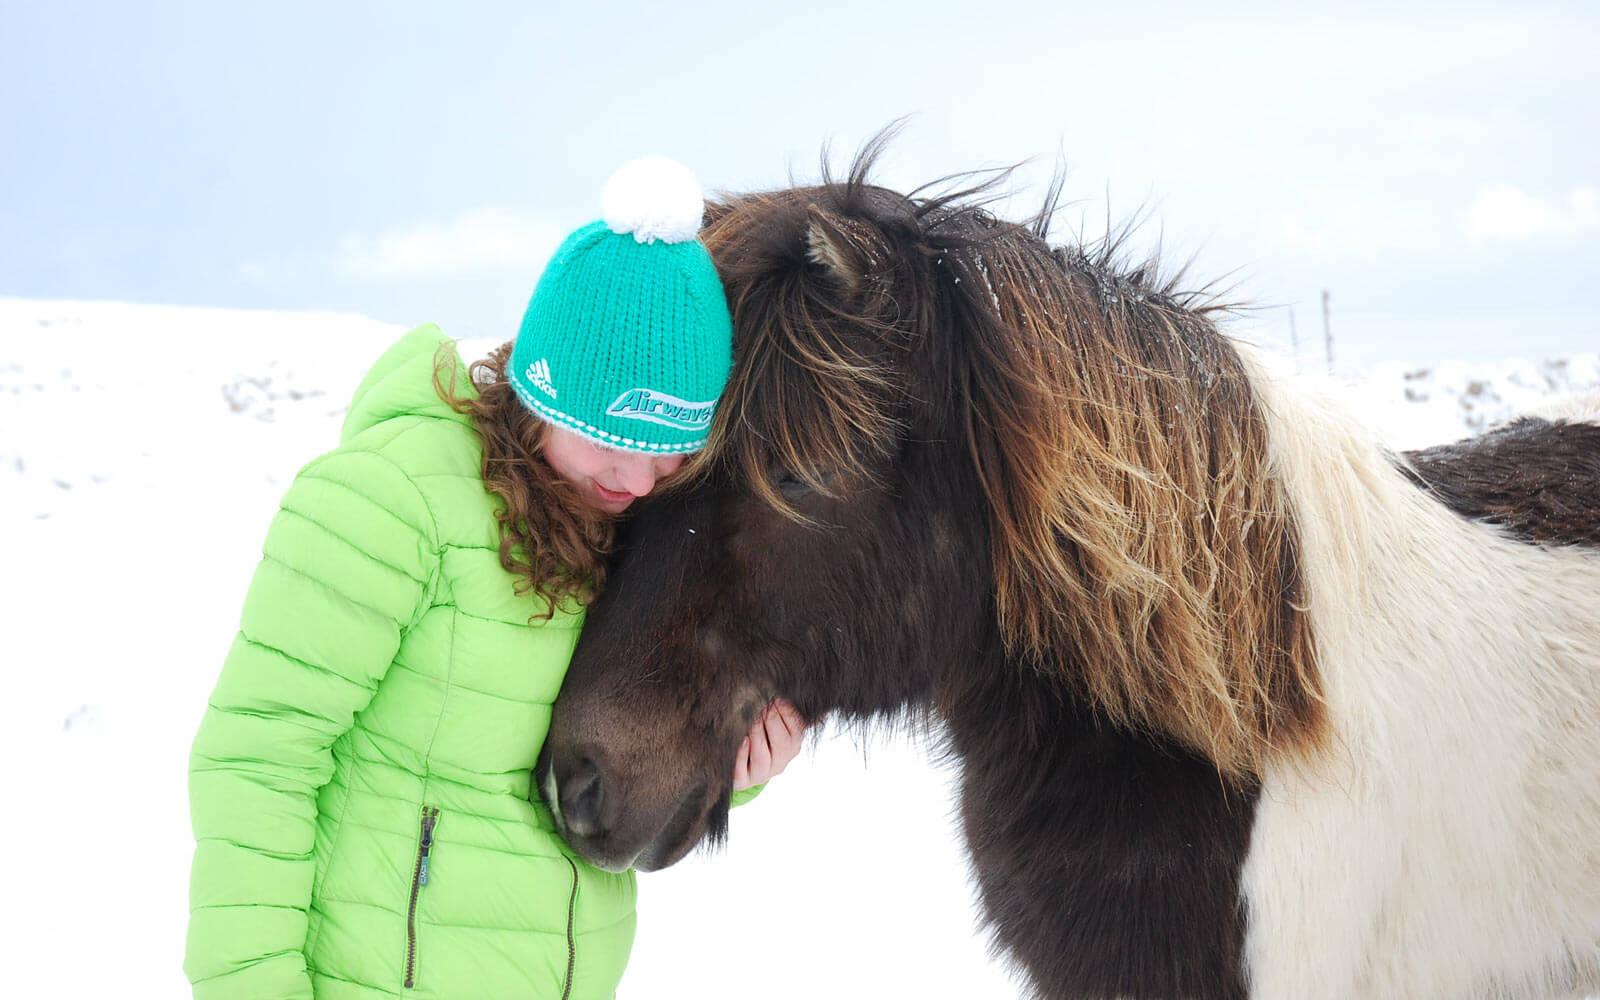 Farmhelferin Isabelle mit einem Island-Pferd im Schnee